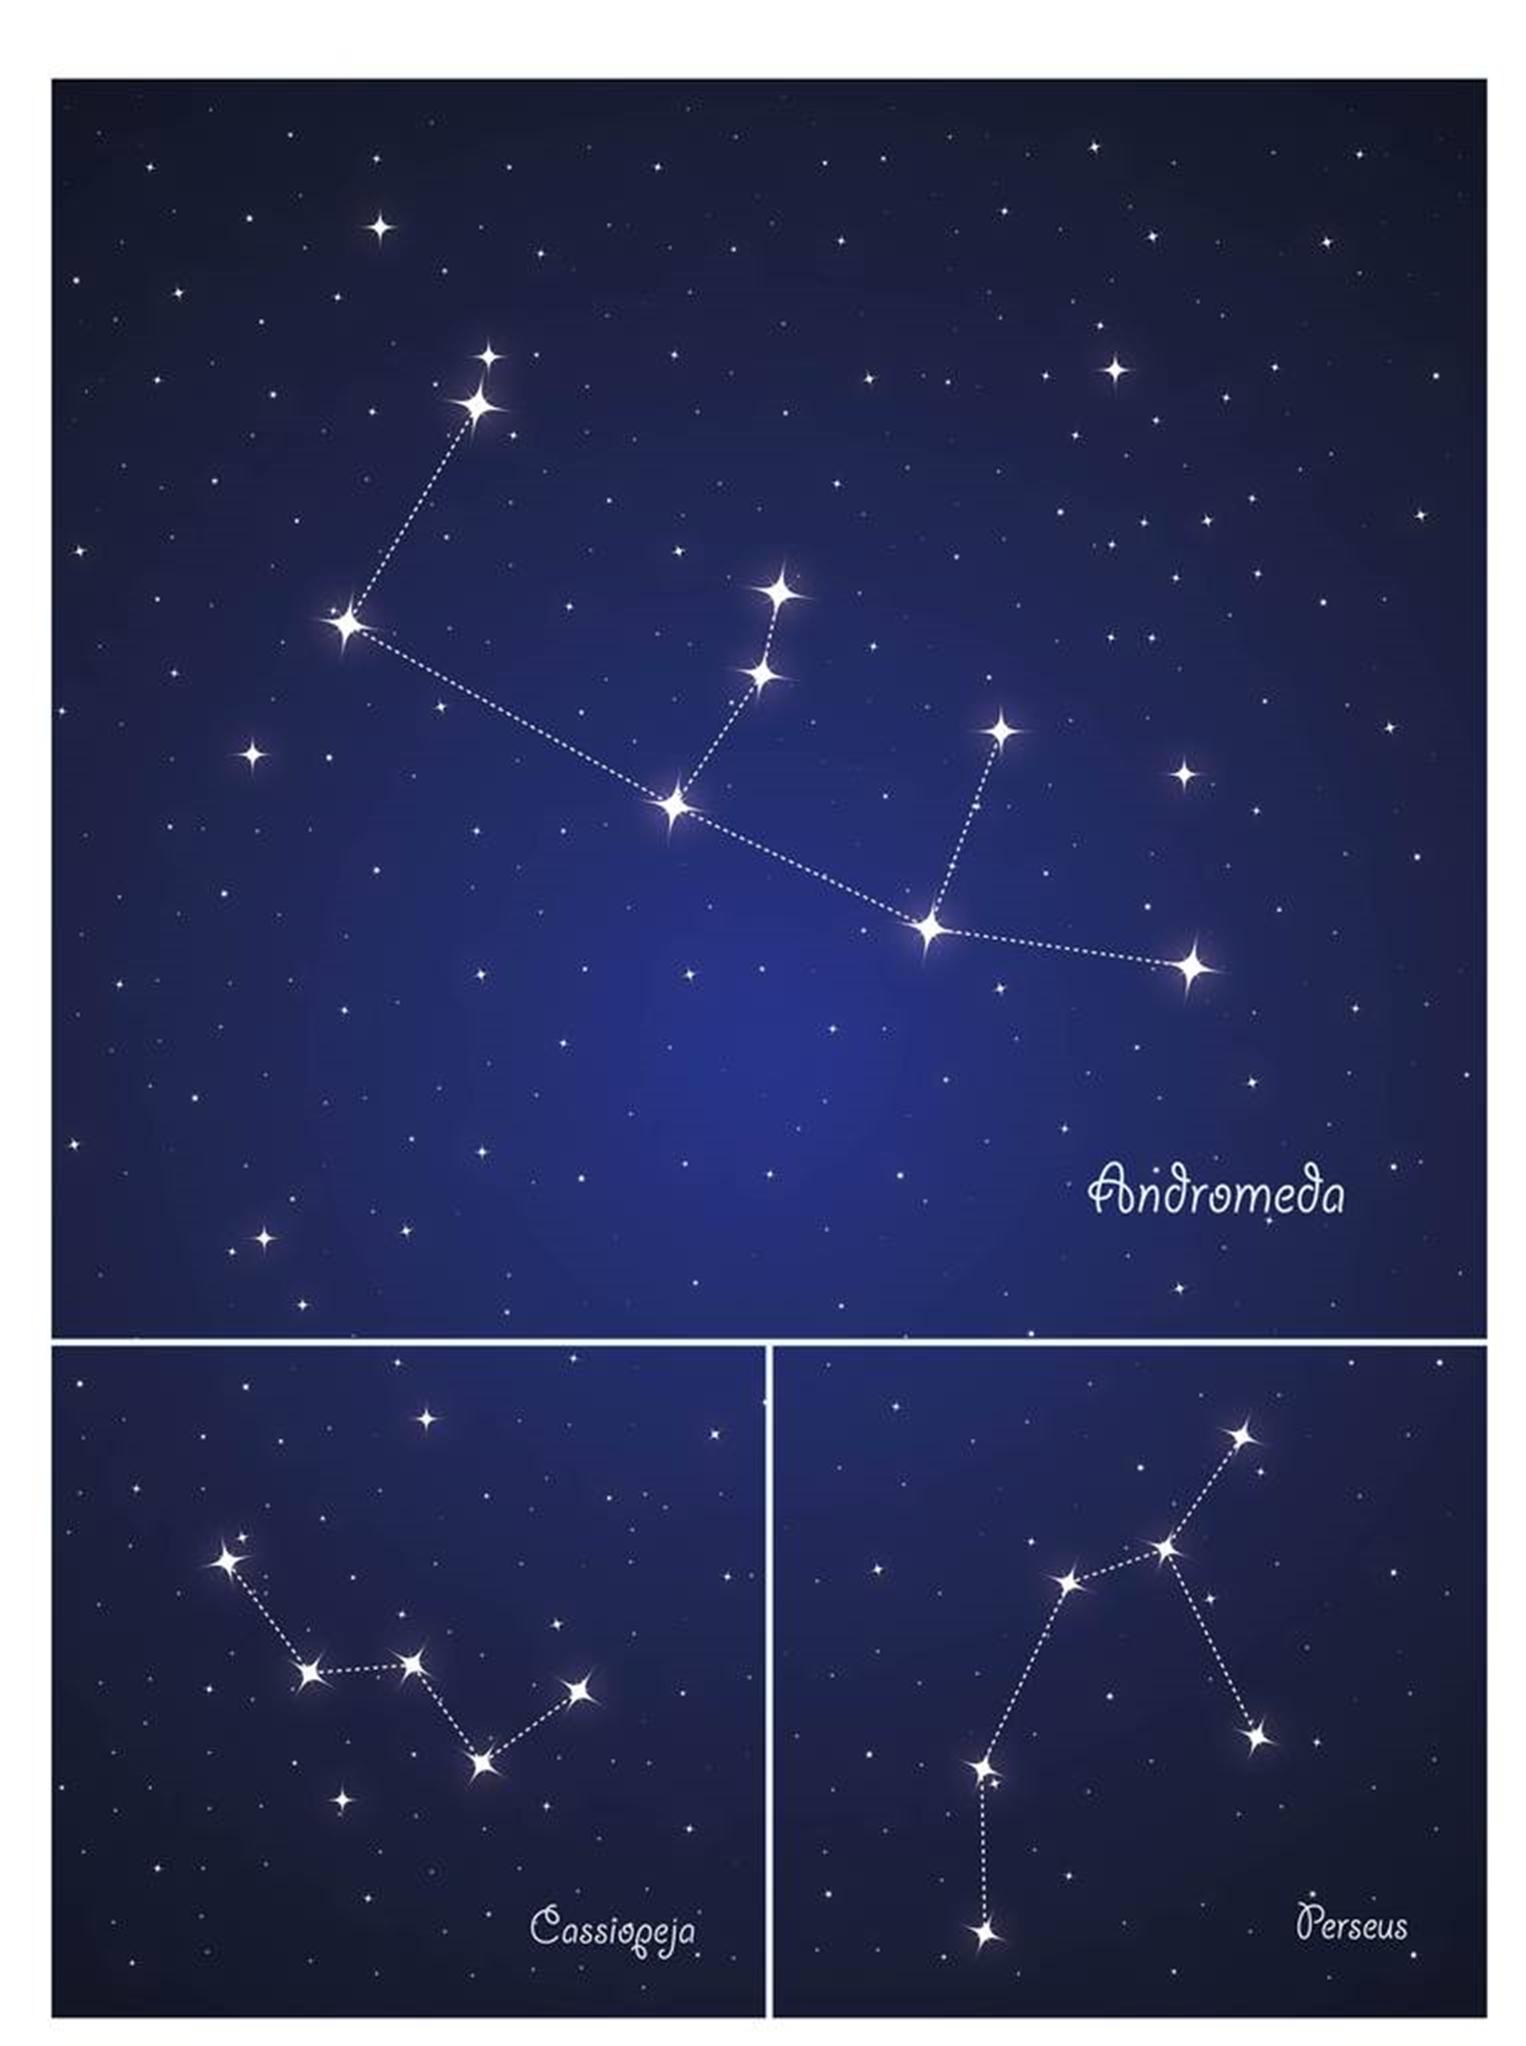 今日每日每月星座运势 每日星座运